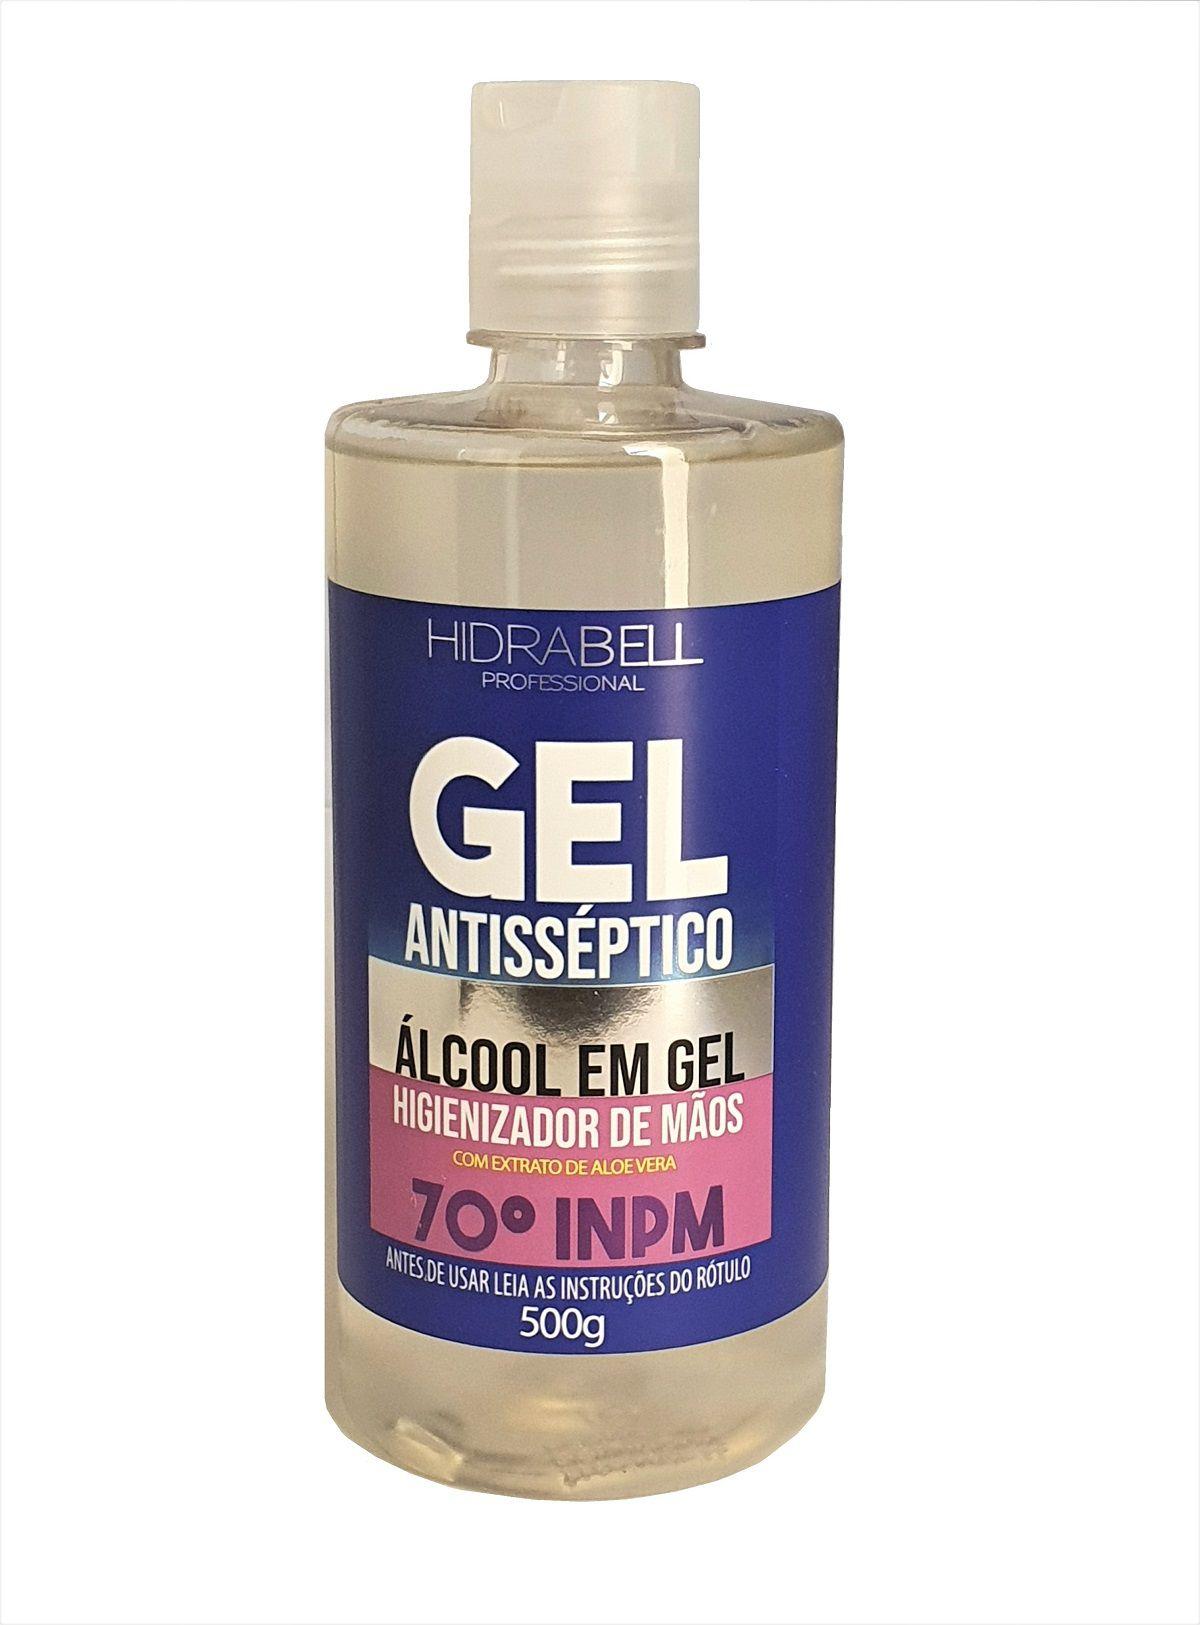 Álcool Gel 70% Antisséptico Higienizador de Mãos com aloe vera 500g Hidrabell  - Mix Eletro